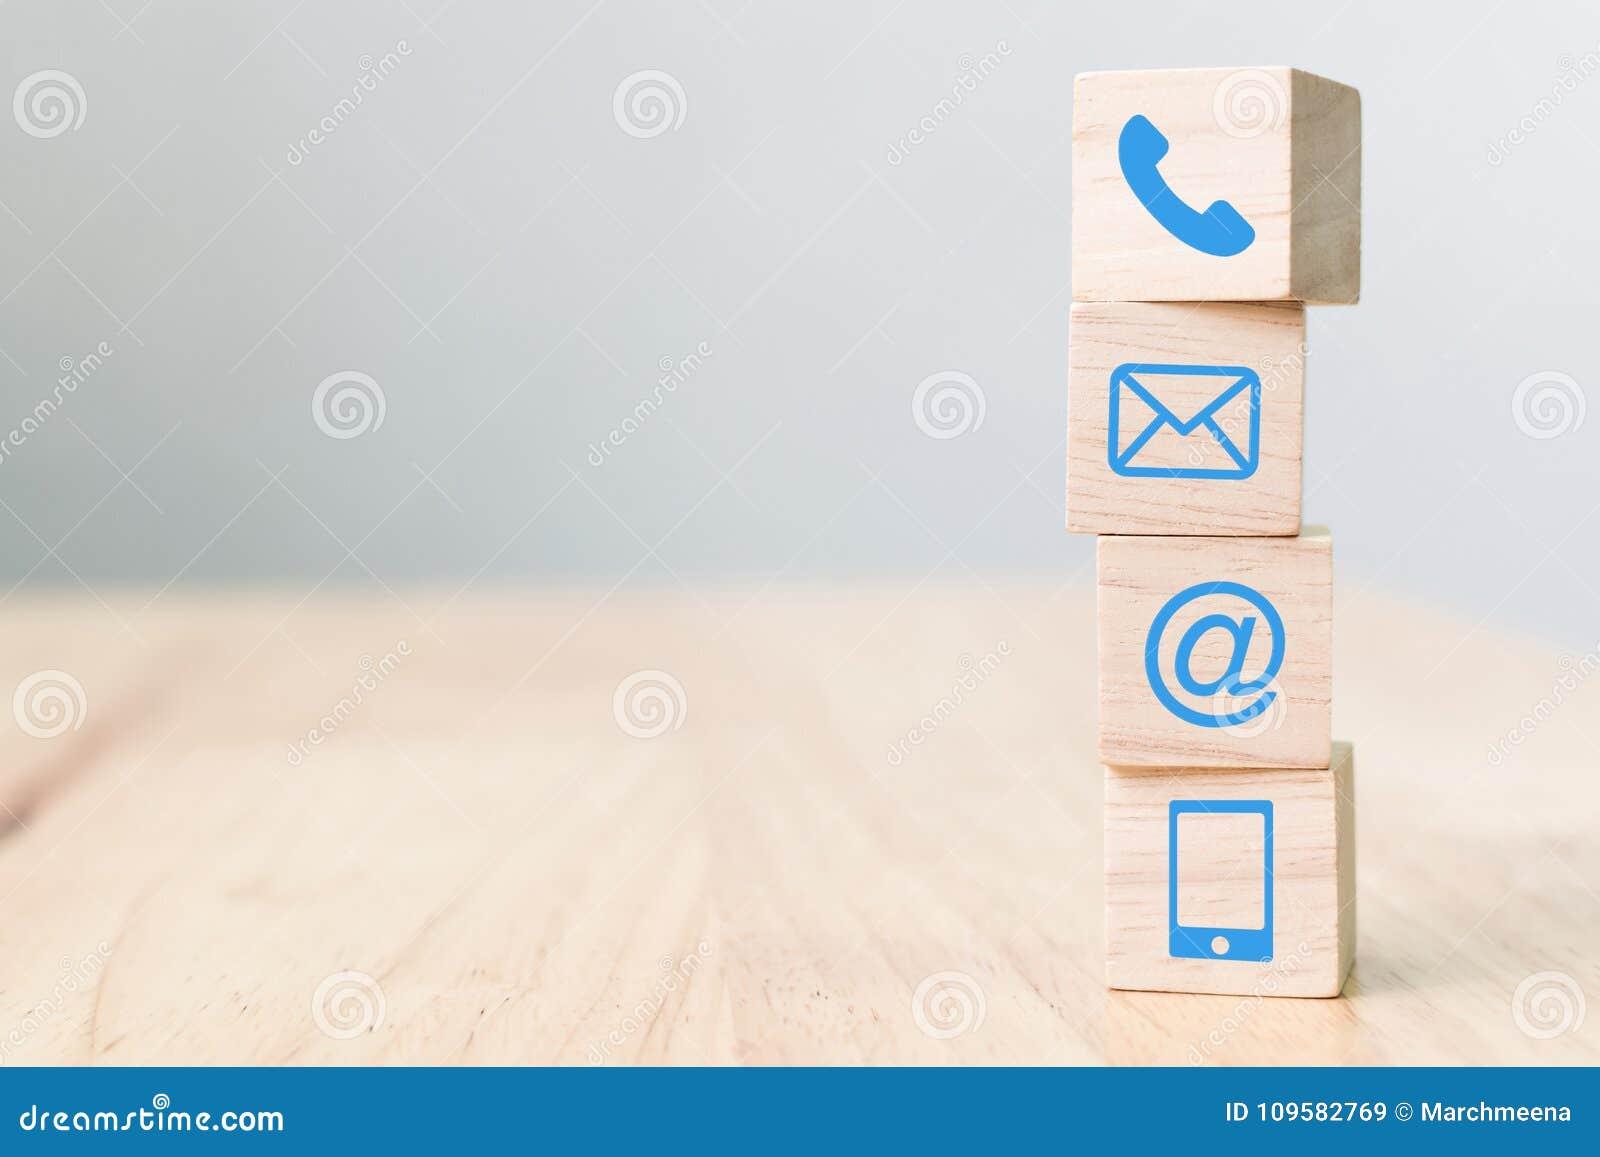 Телефон символа деревянного блока, почта, адрес и мобильный телефон, сеть